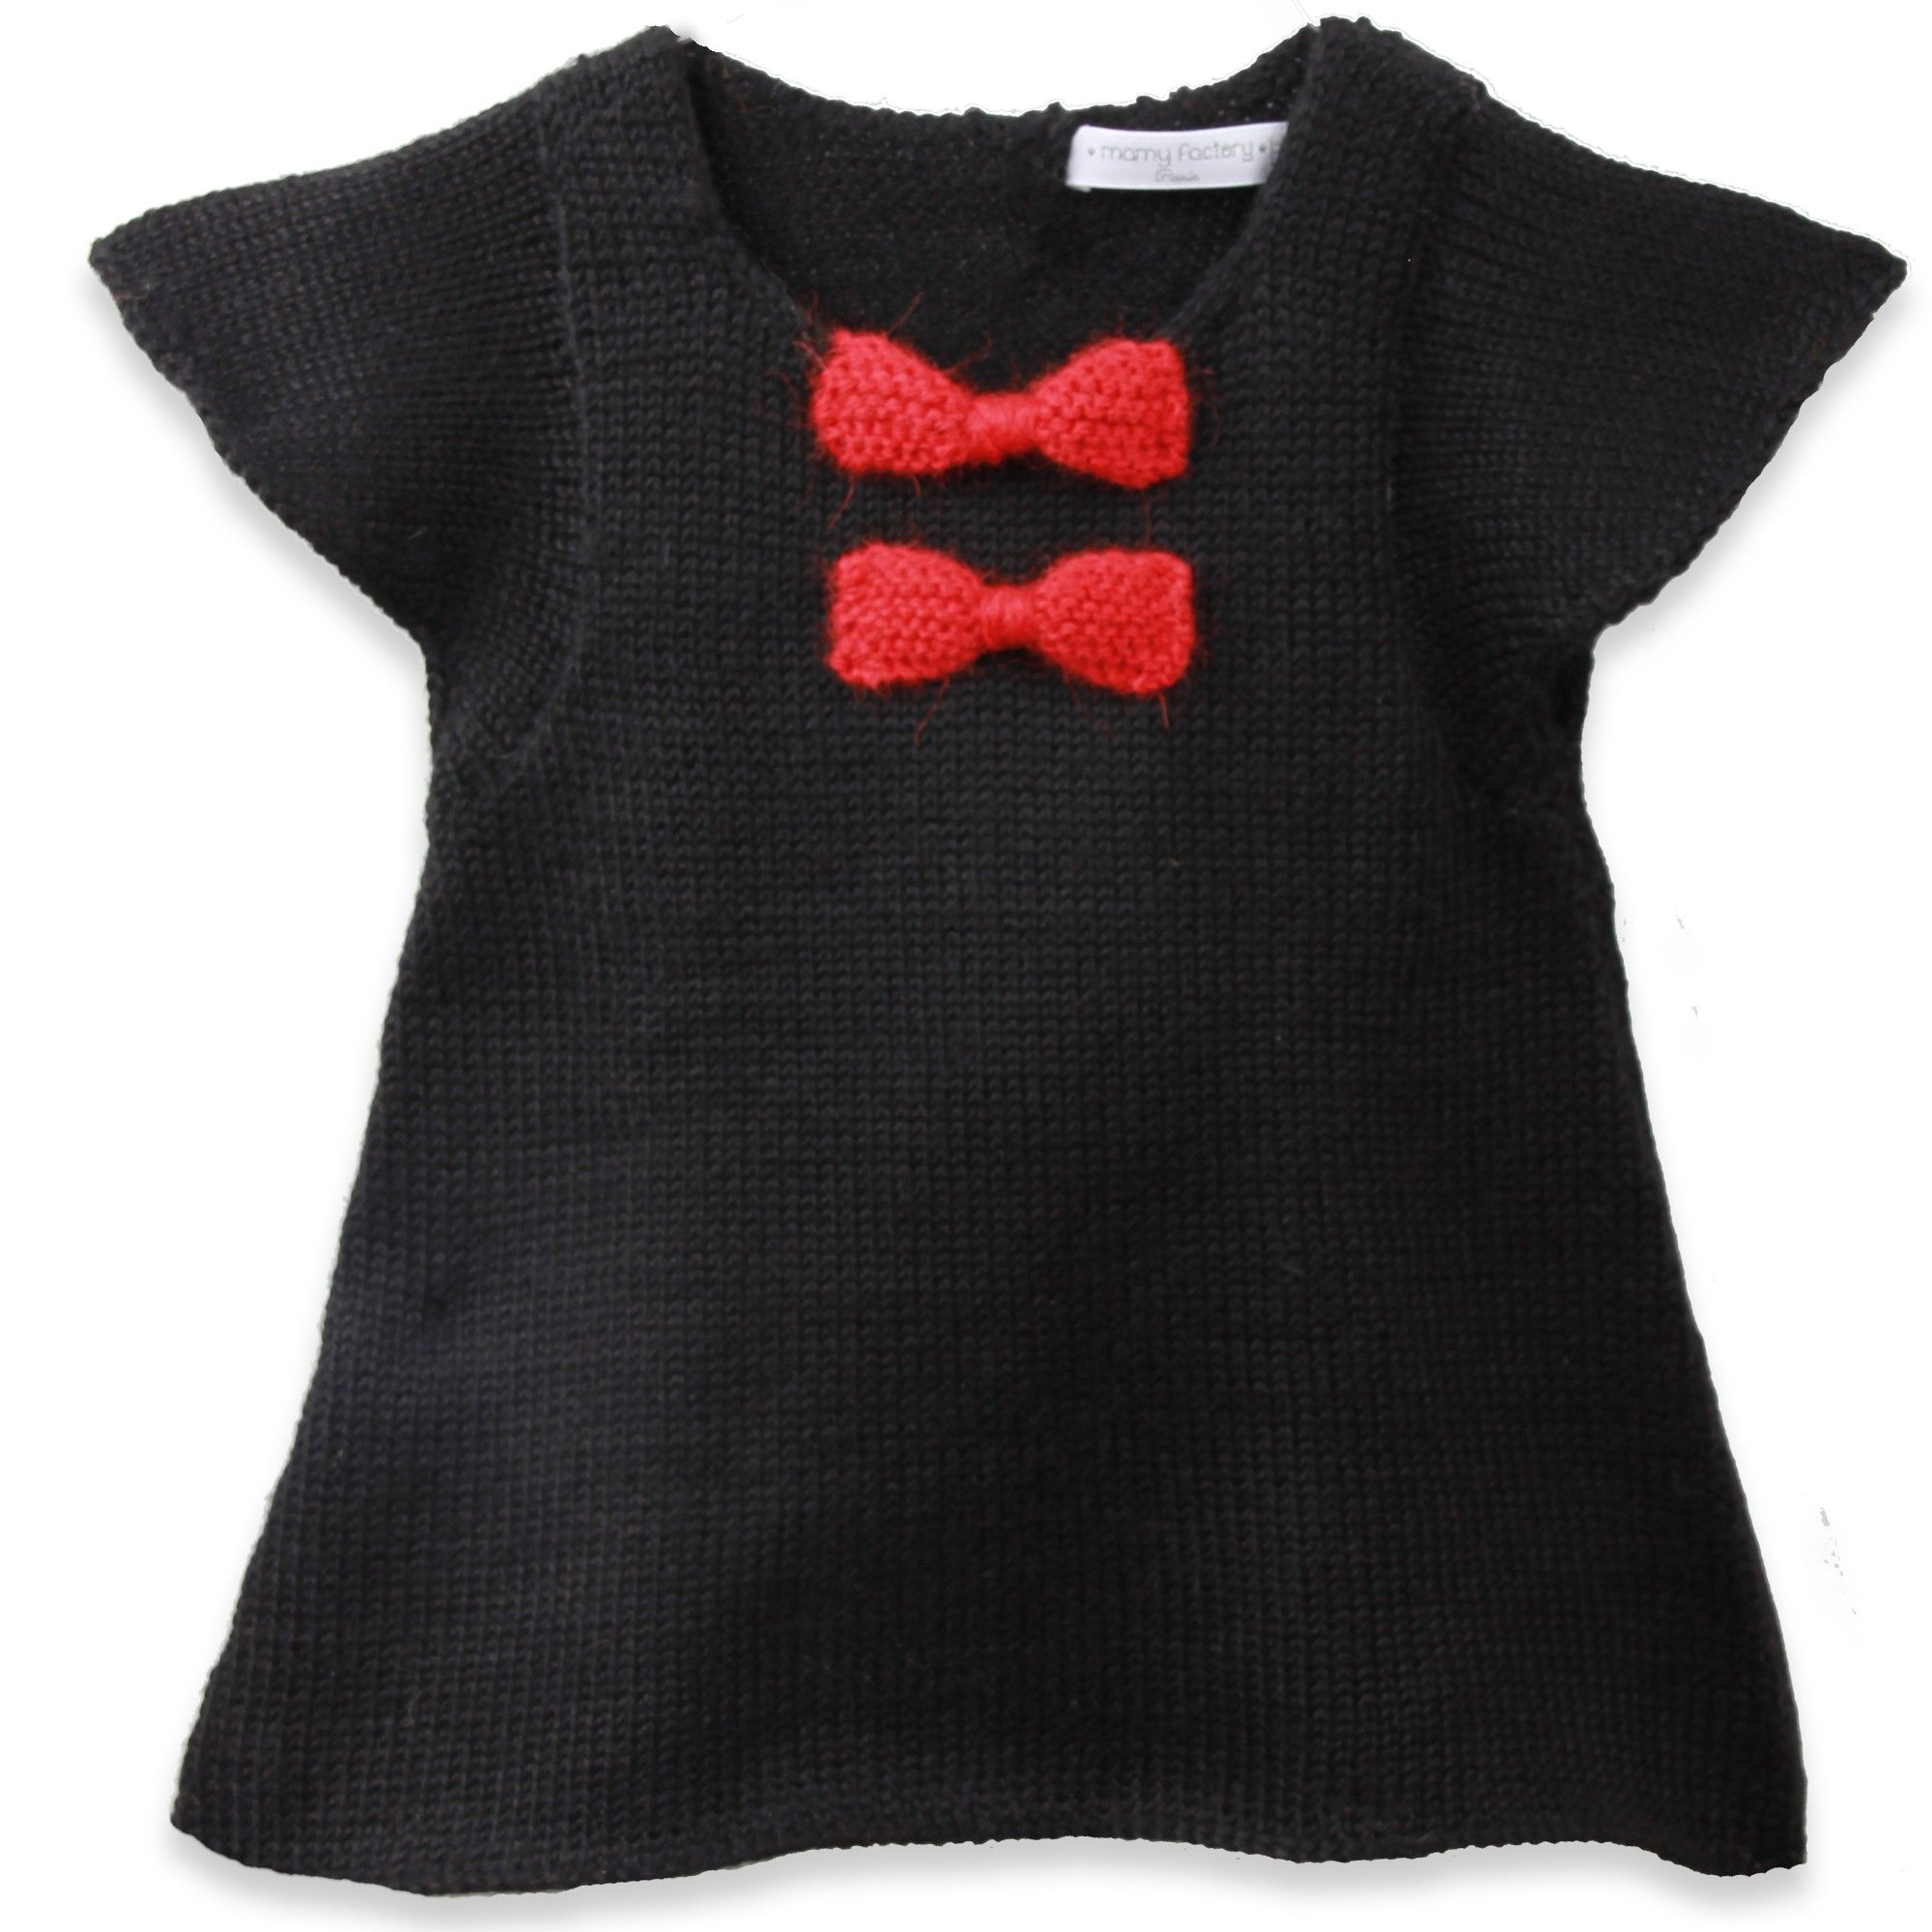 Robe Bébé Fille Noire Avec Noeuds Rouge En 100 Laine D